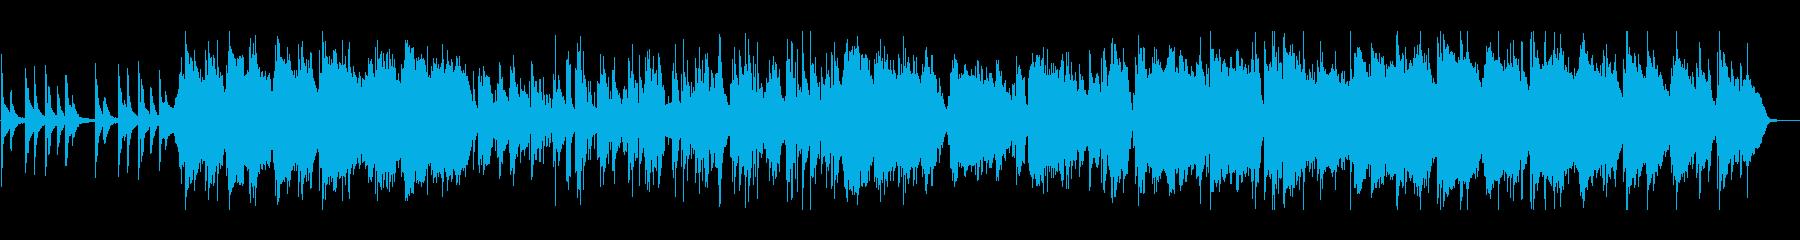 インストゥルメンタルピアノのメロデ...の再生済みの波形